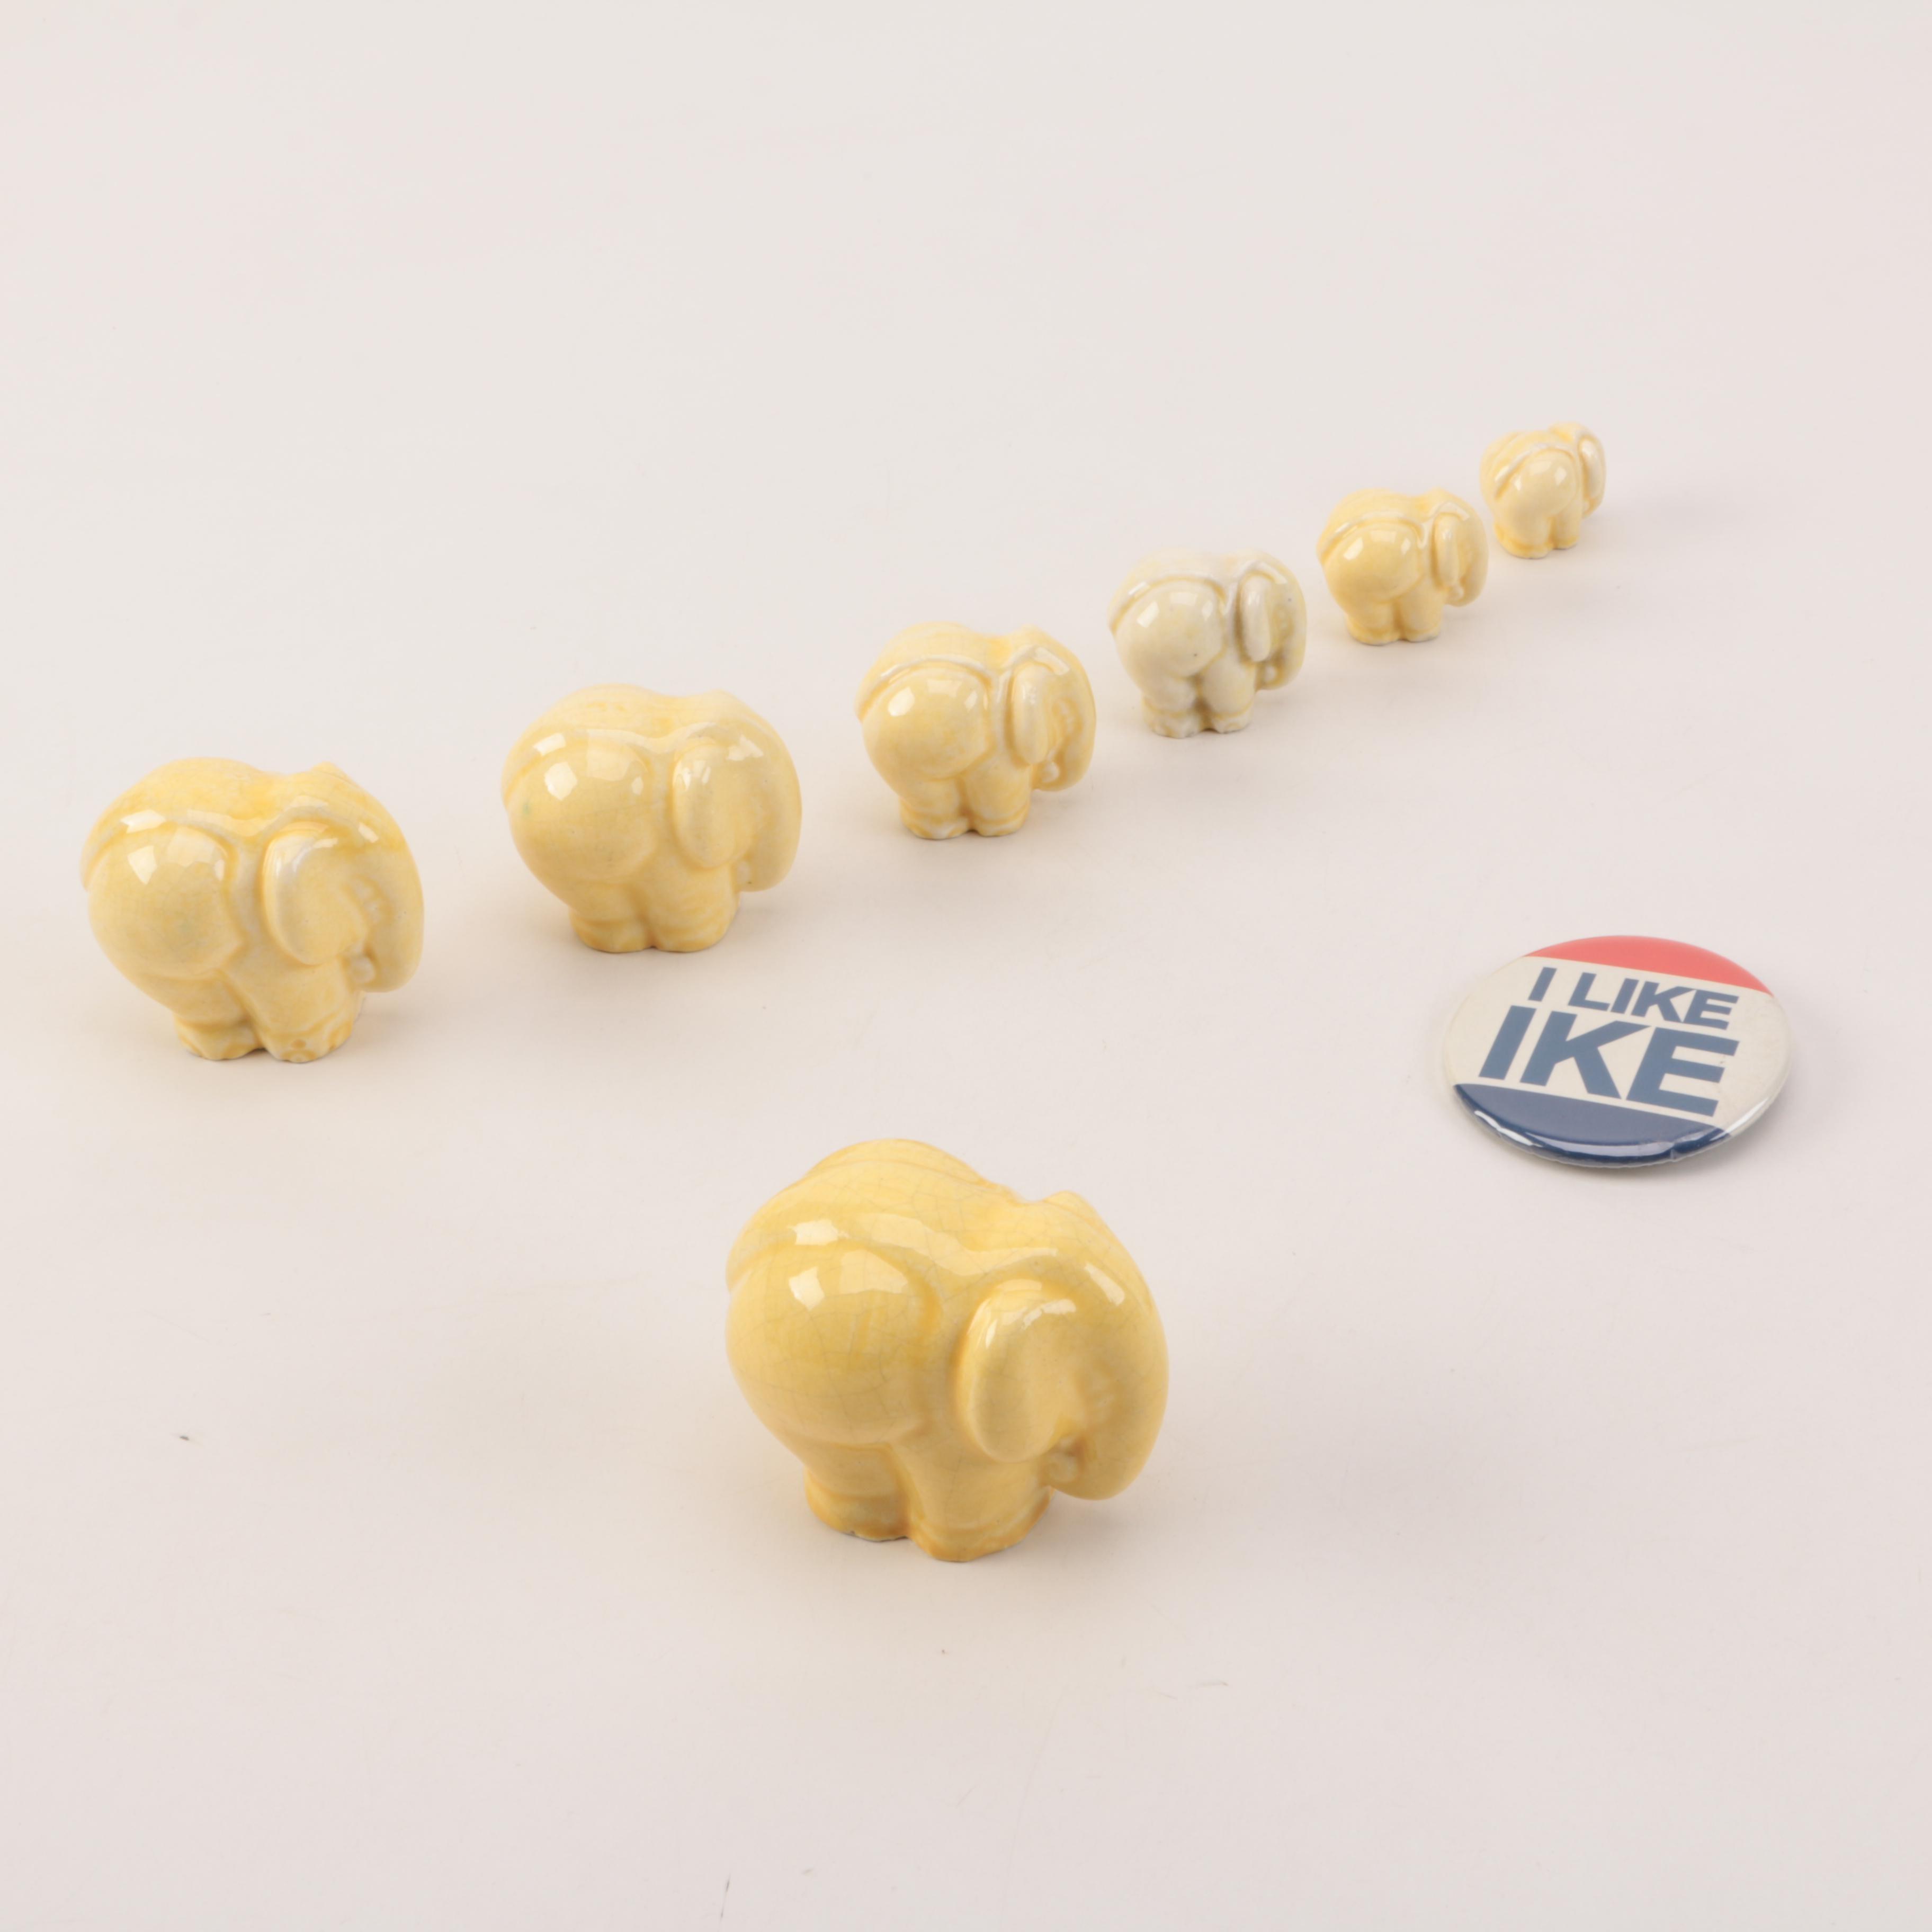 """Yellow Ceramic Elephants and """"I Like Ike"""" Button"""